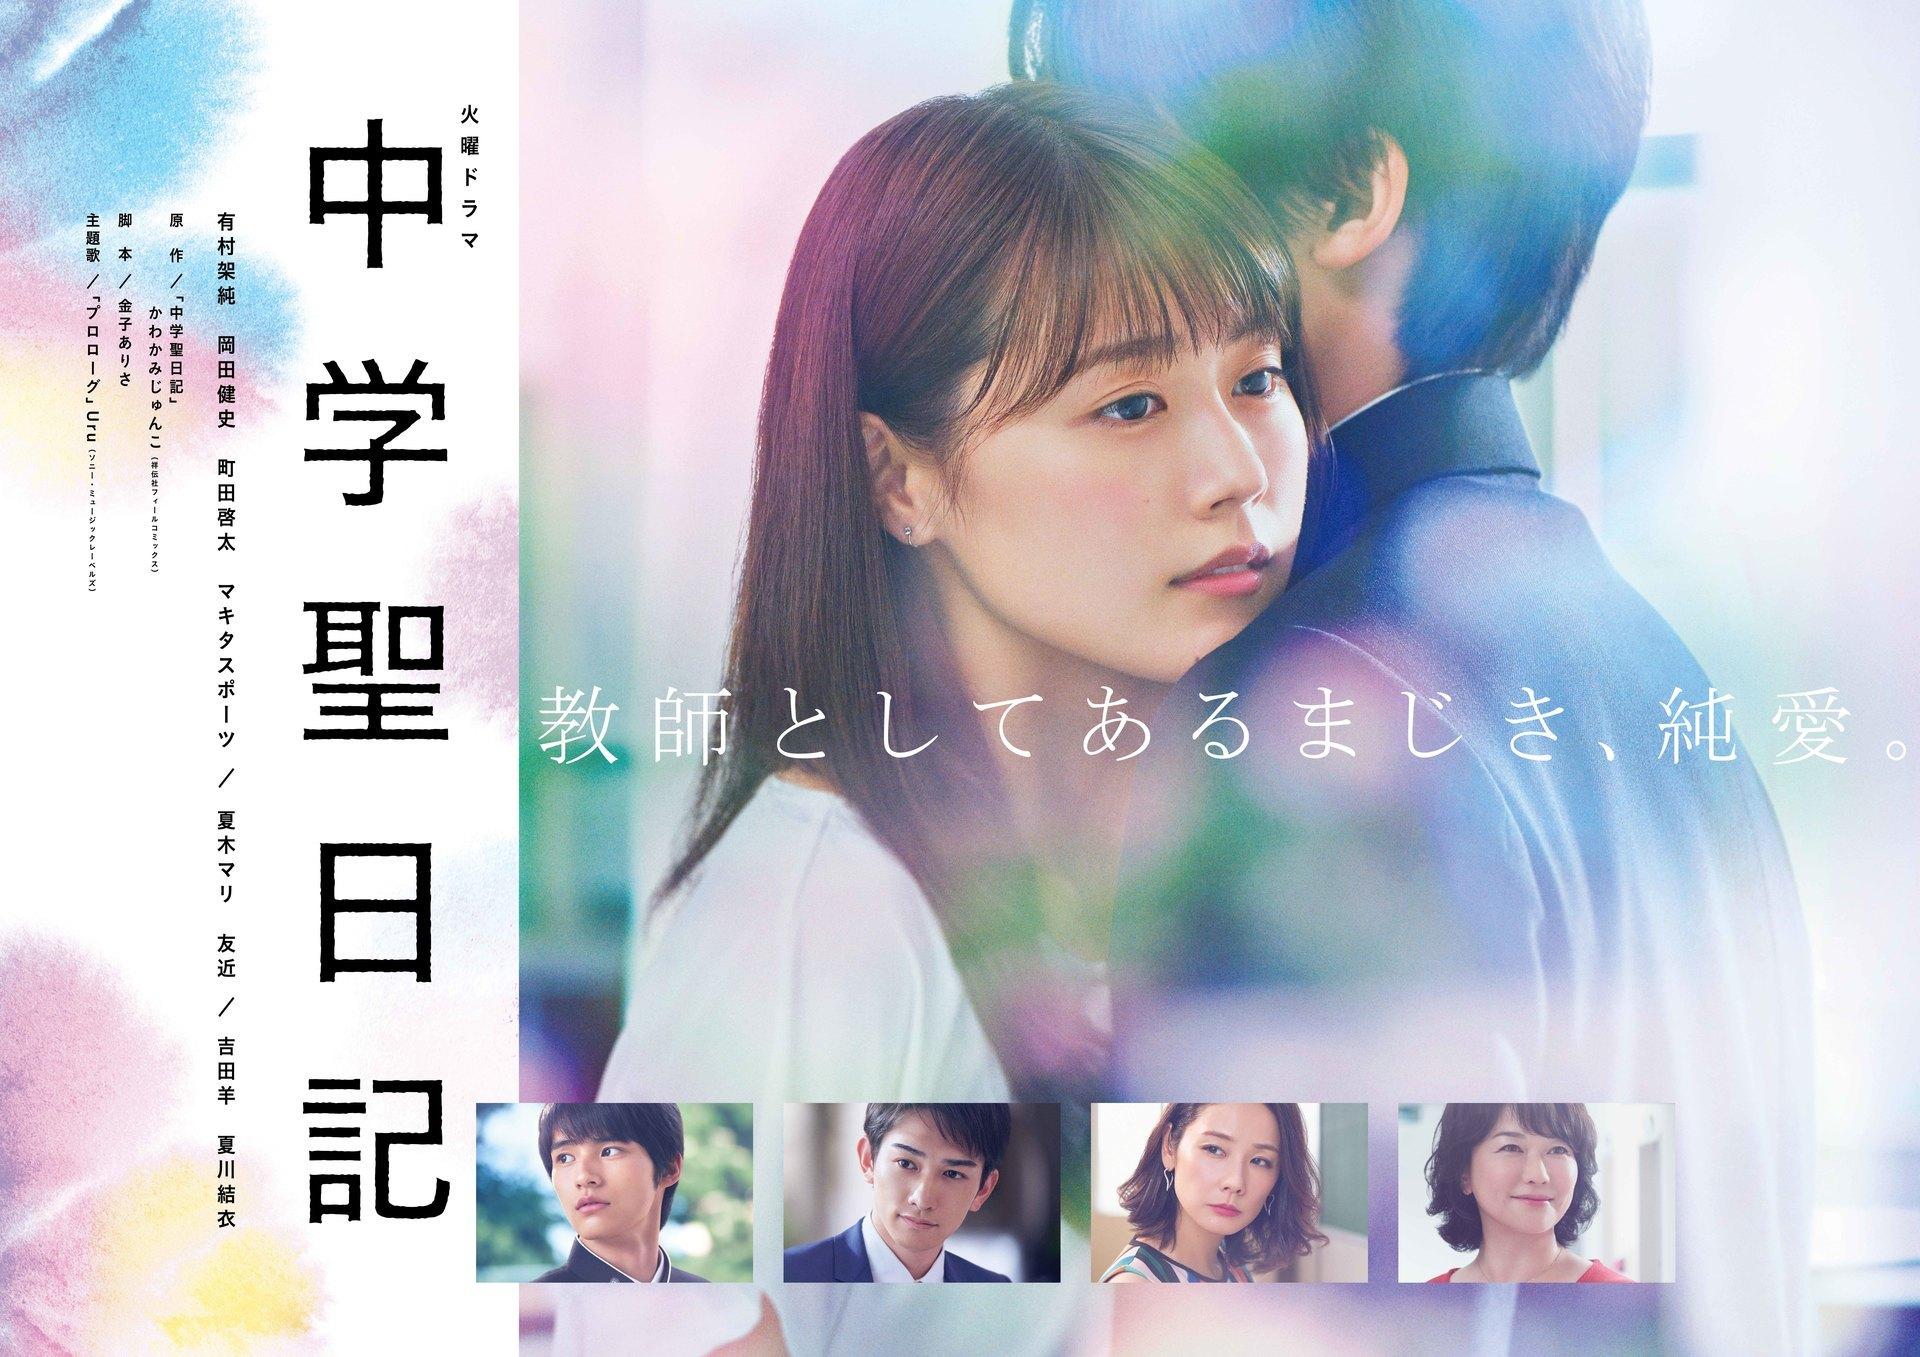 TBS_中学聖日記_B0_0919_200512_2-1.jpg